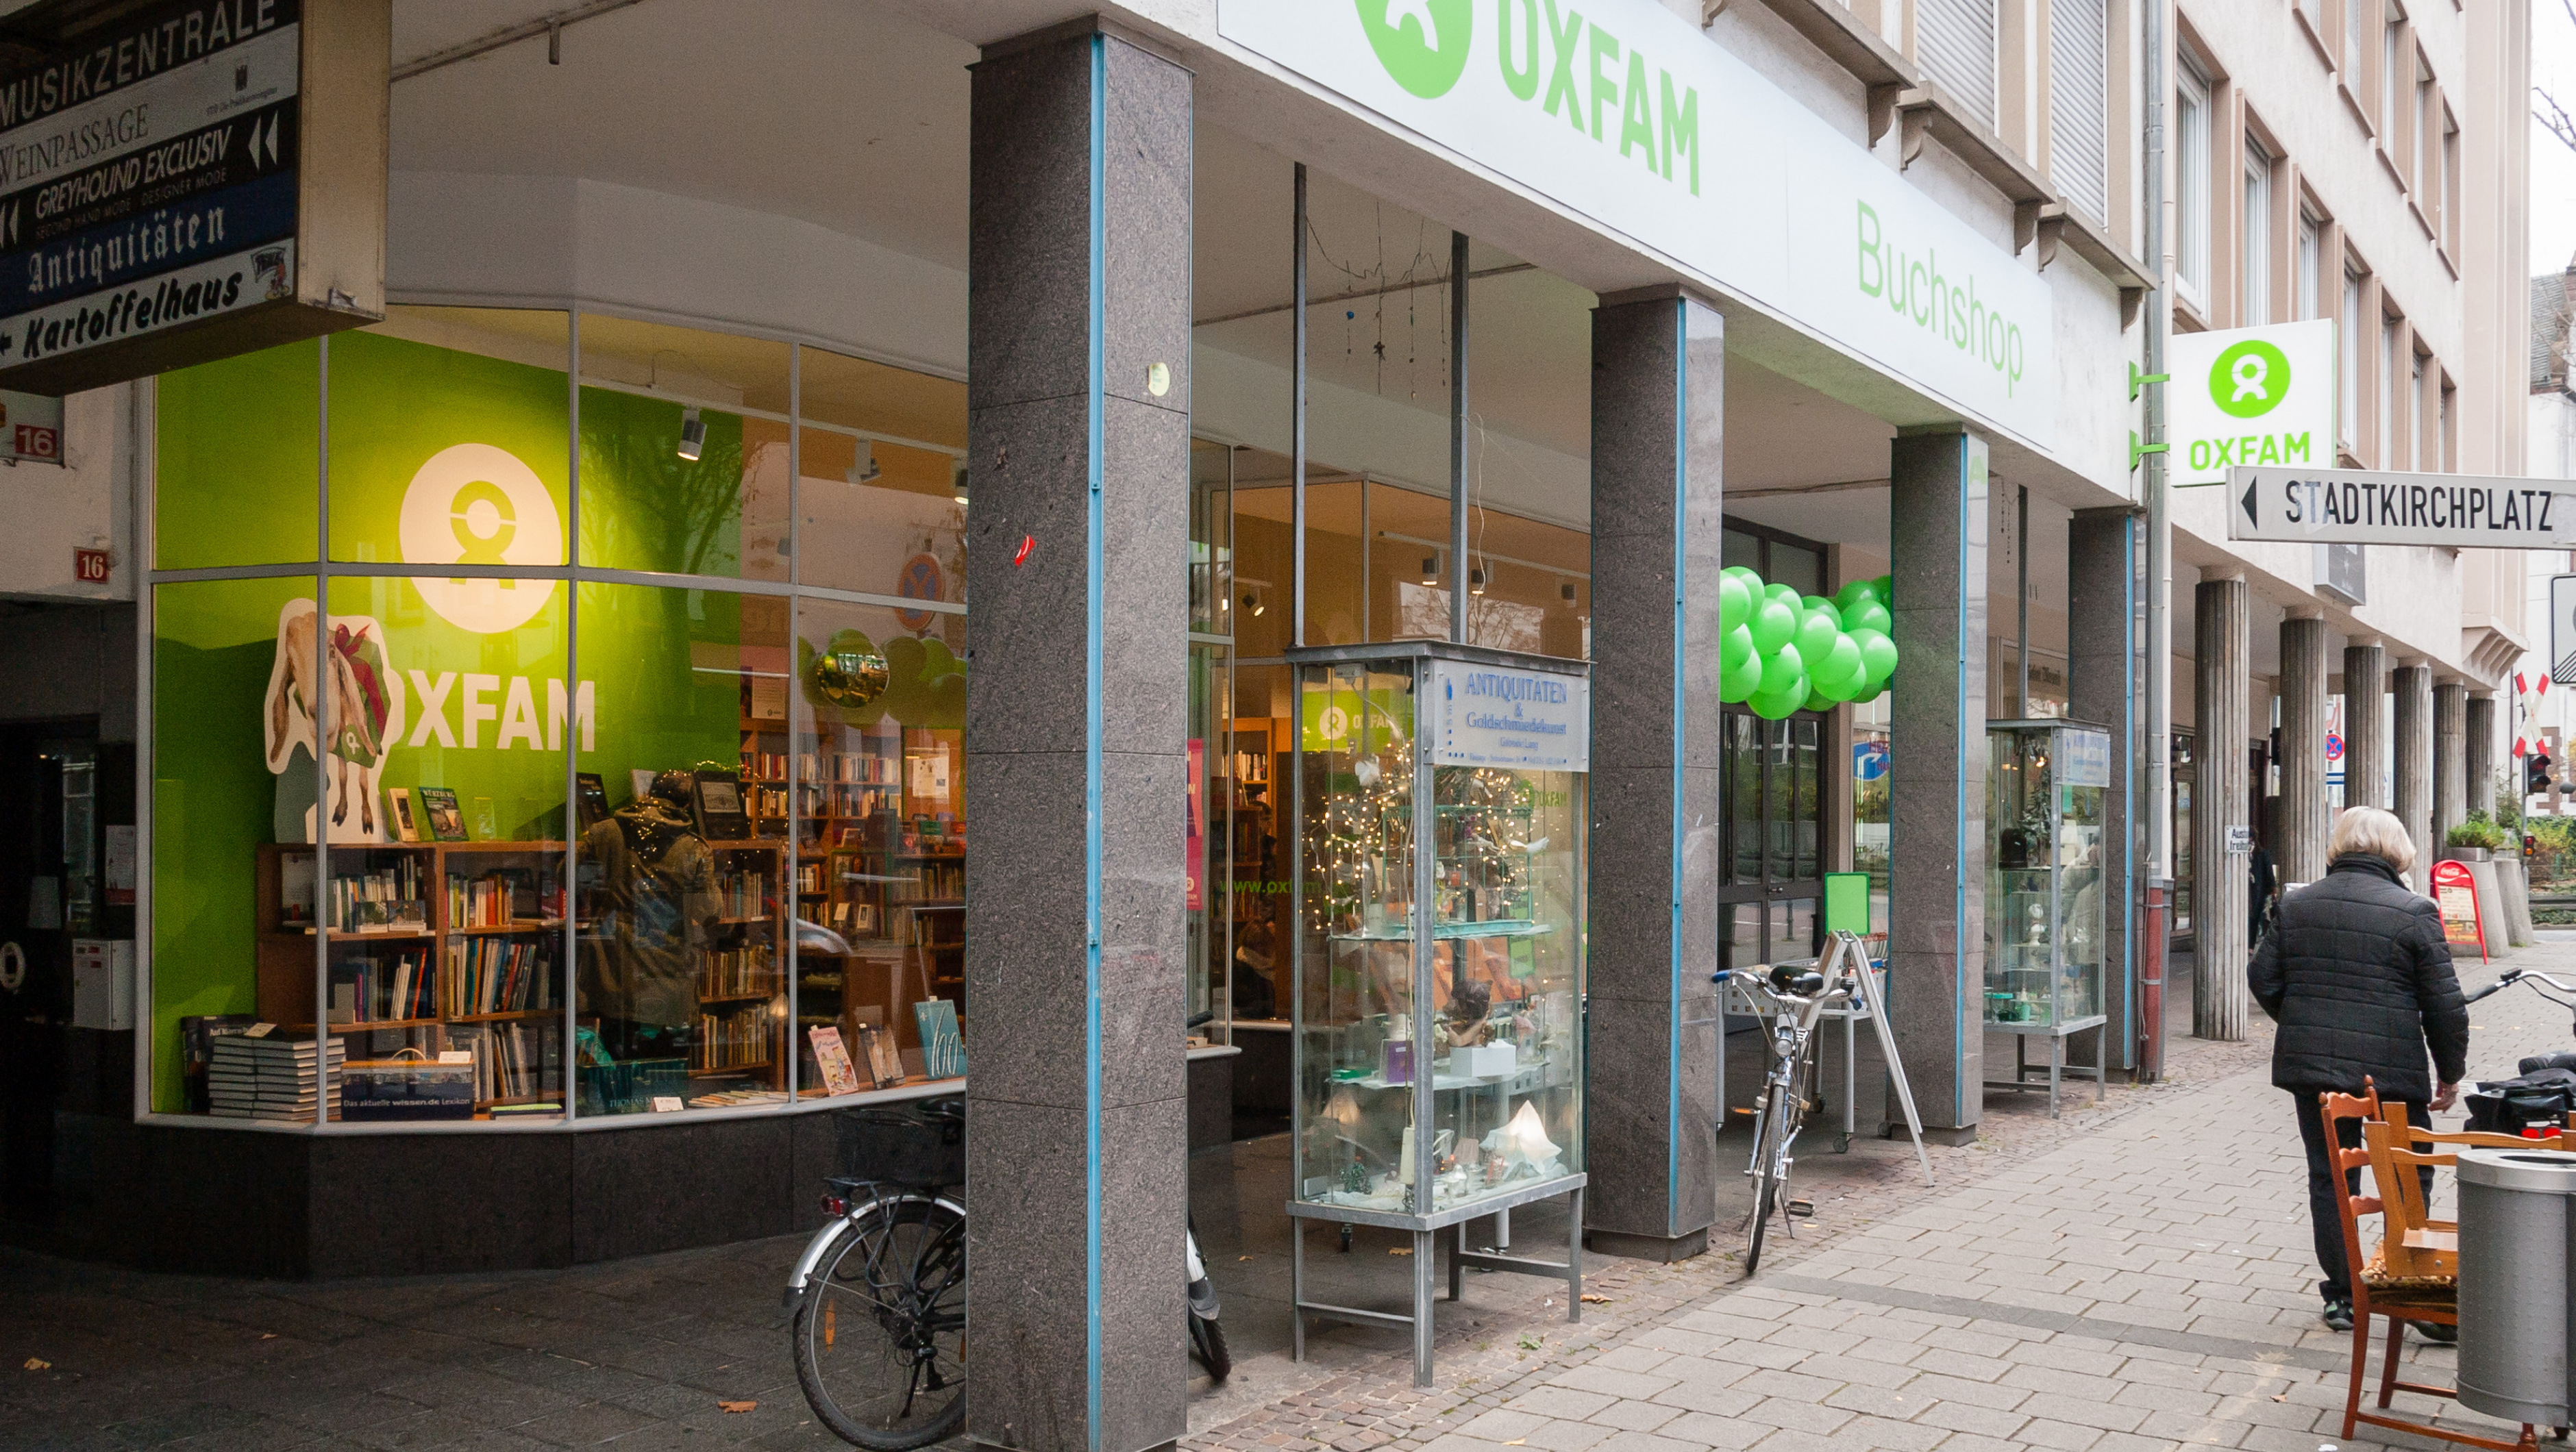 Oxfam Shop Darmstadt - Buchshop Außenansicht